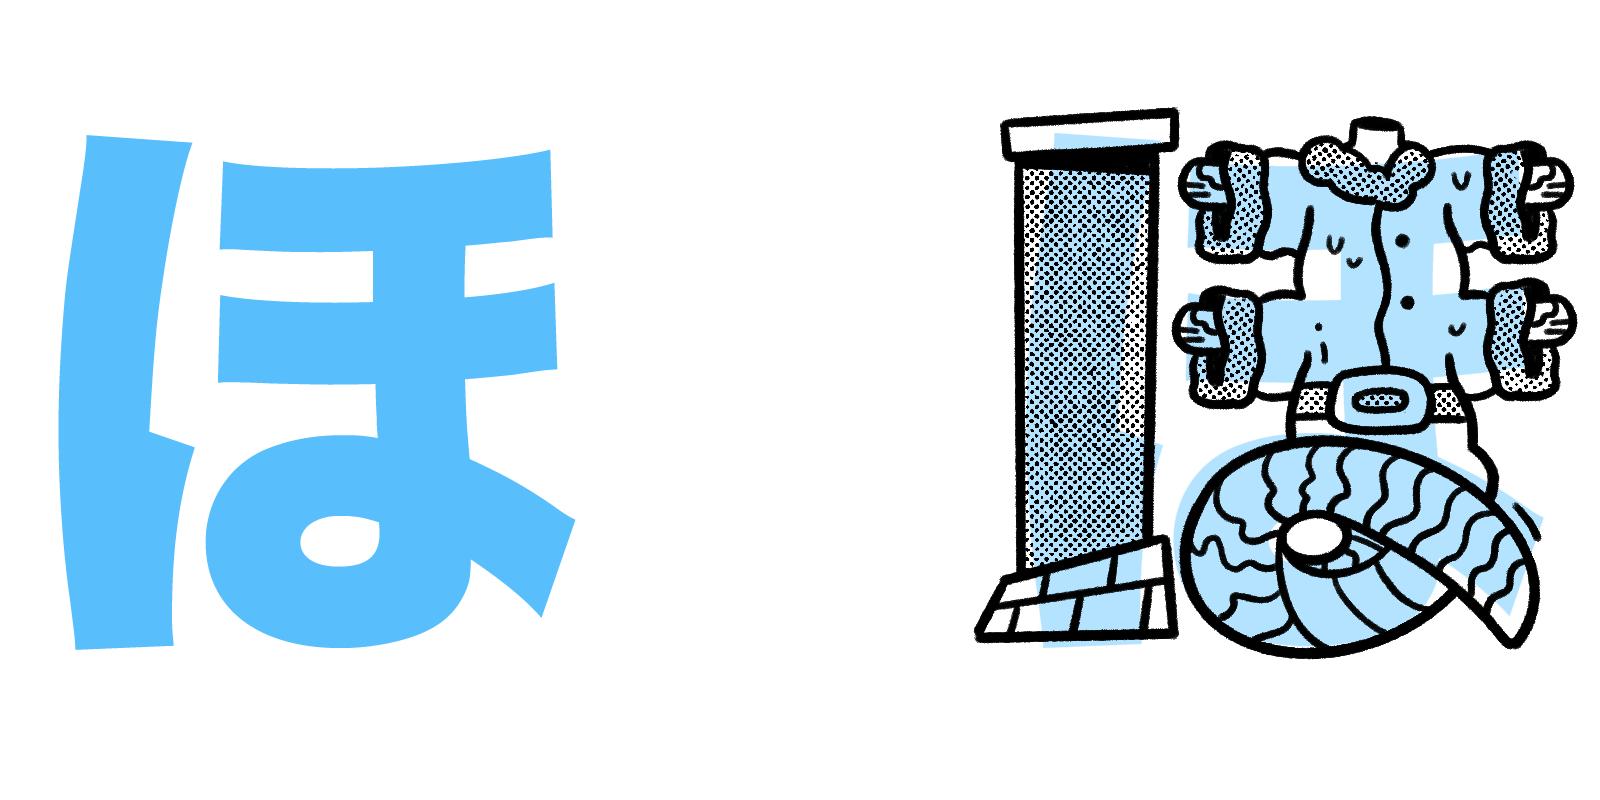 ほ hiragana mnemonic